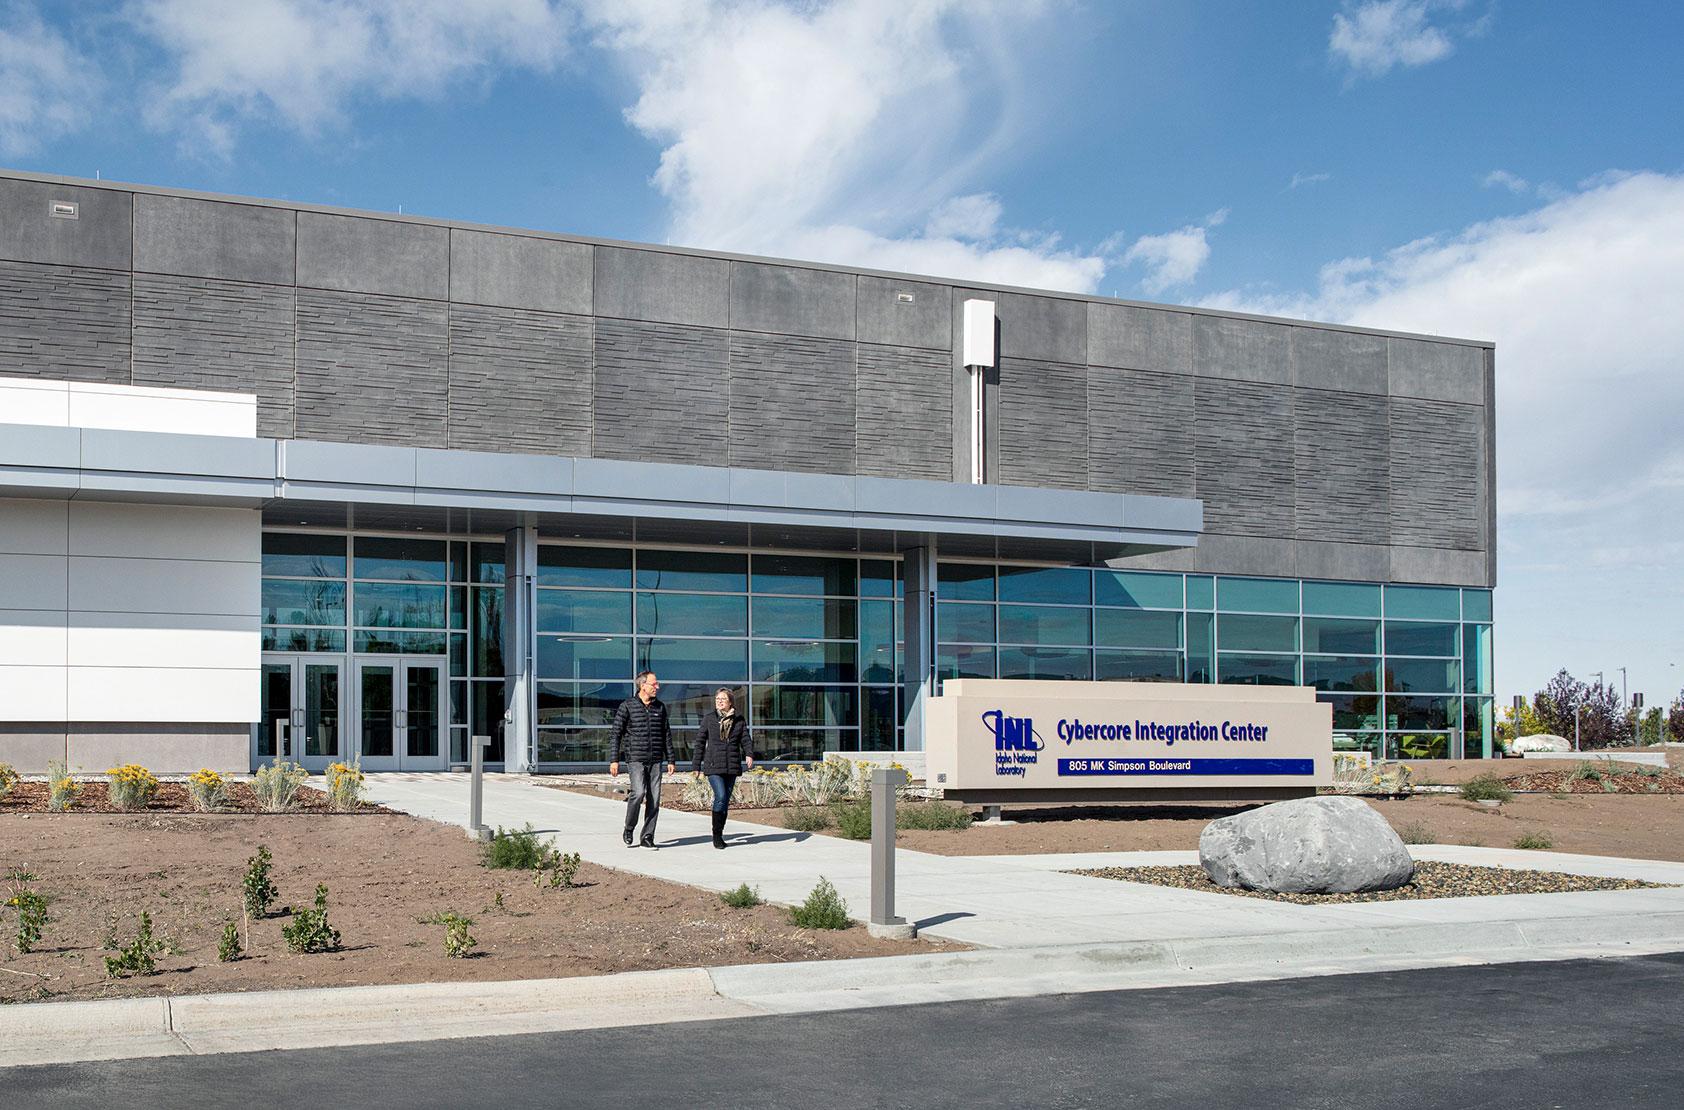 Idaho National Laboratory - Cybercore Integration Center